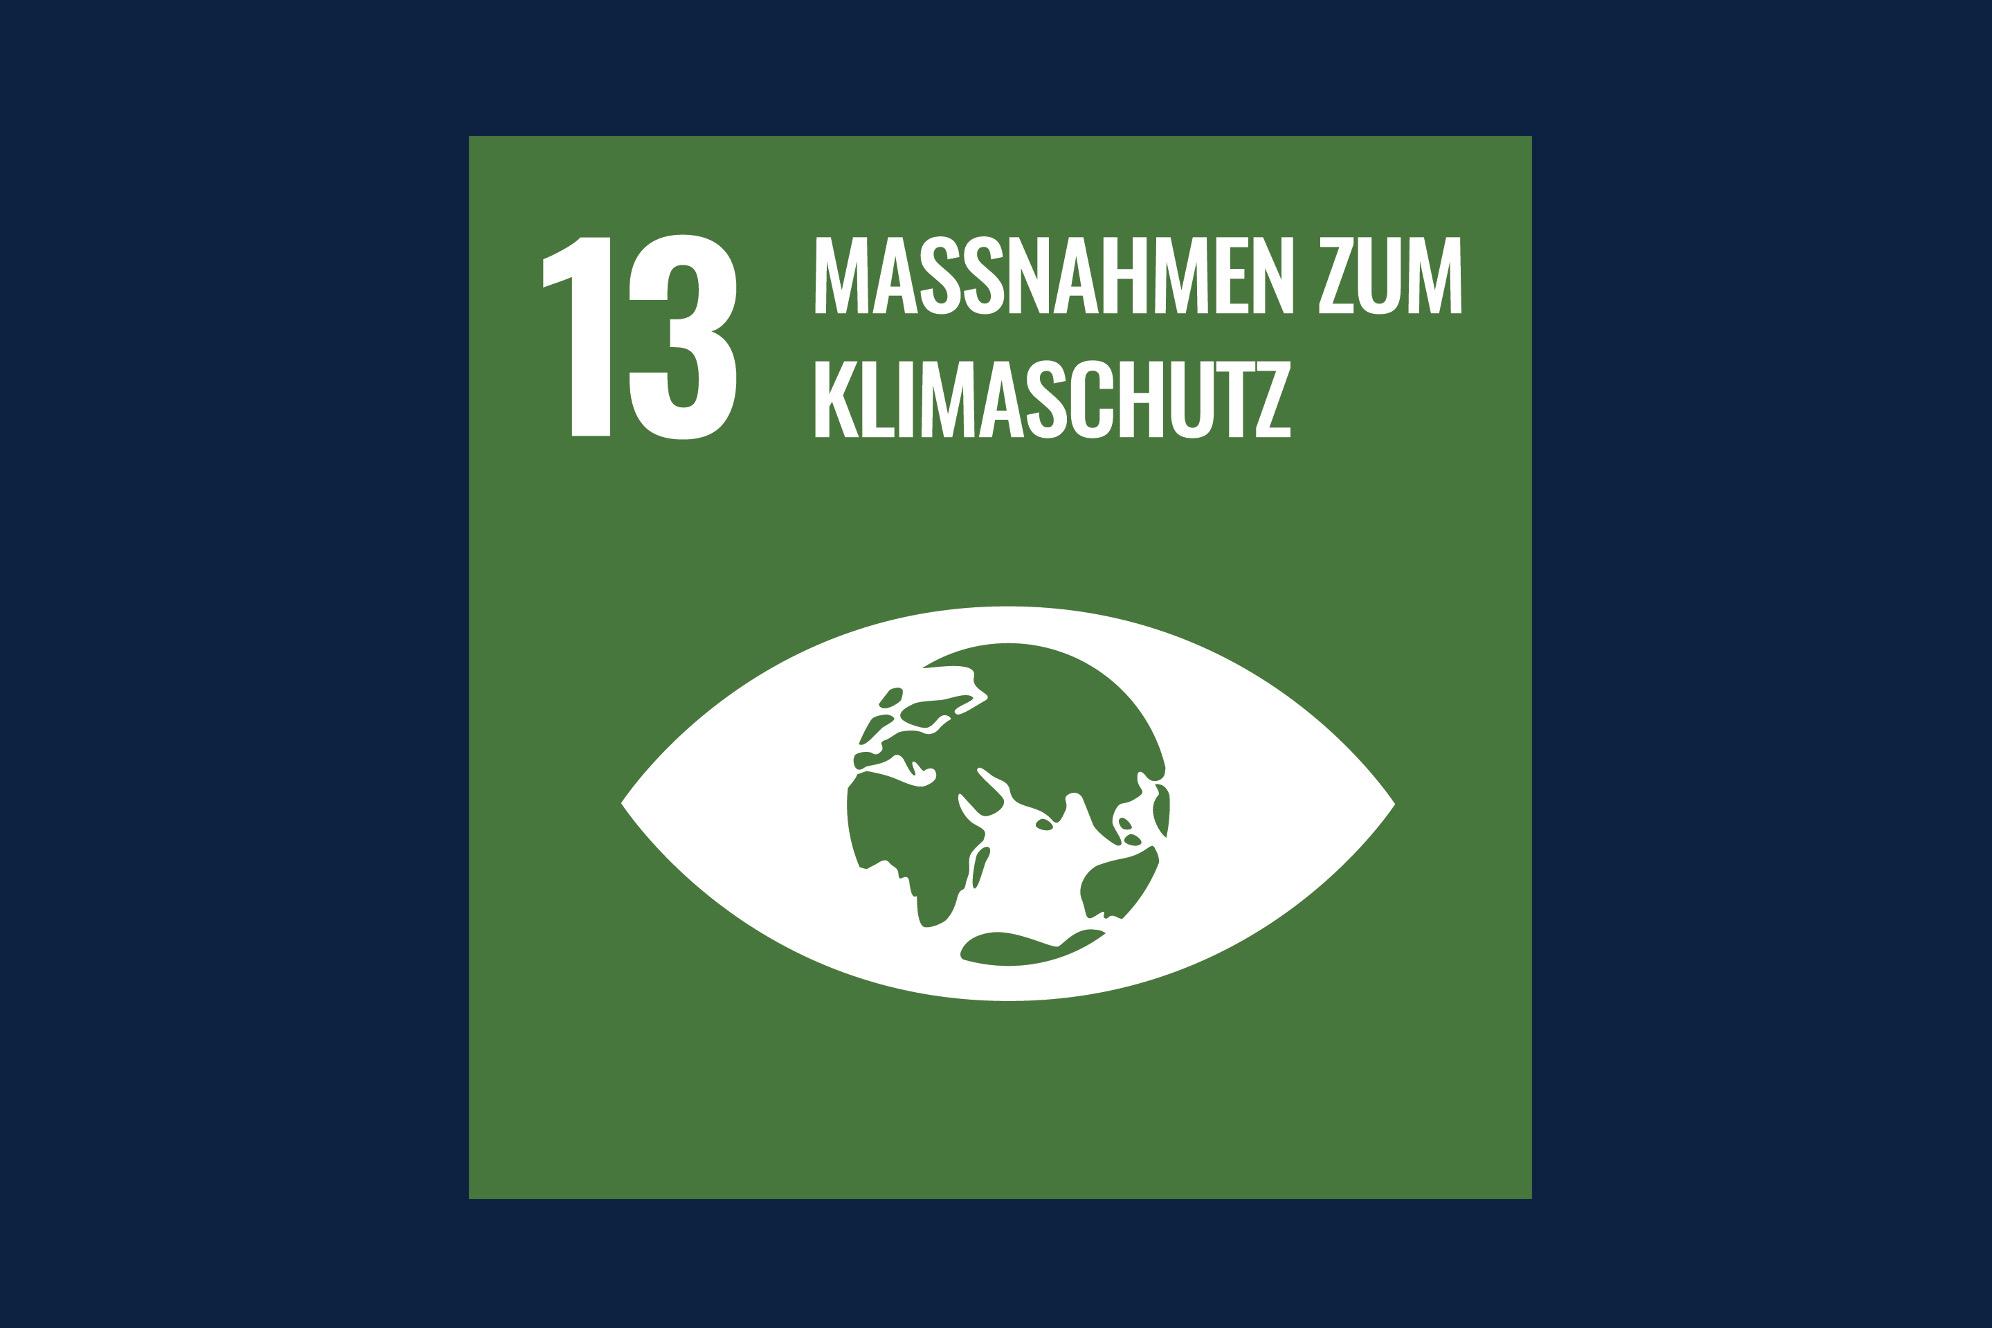 Icon für das Ziel 13 – Massnahmen zum Klimaschutz